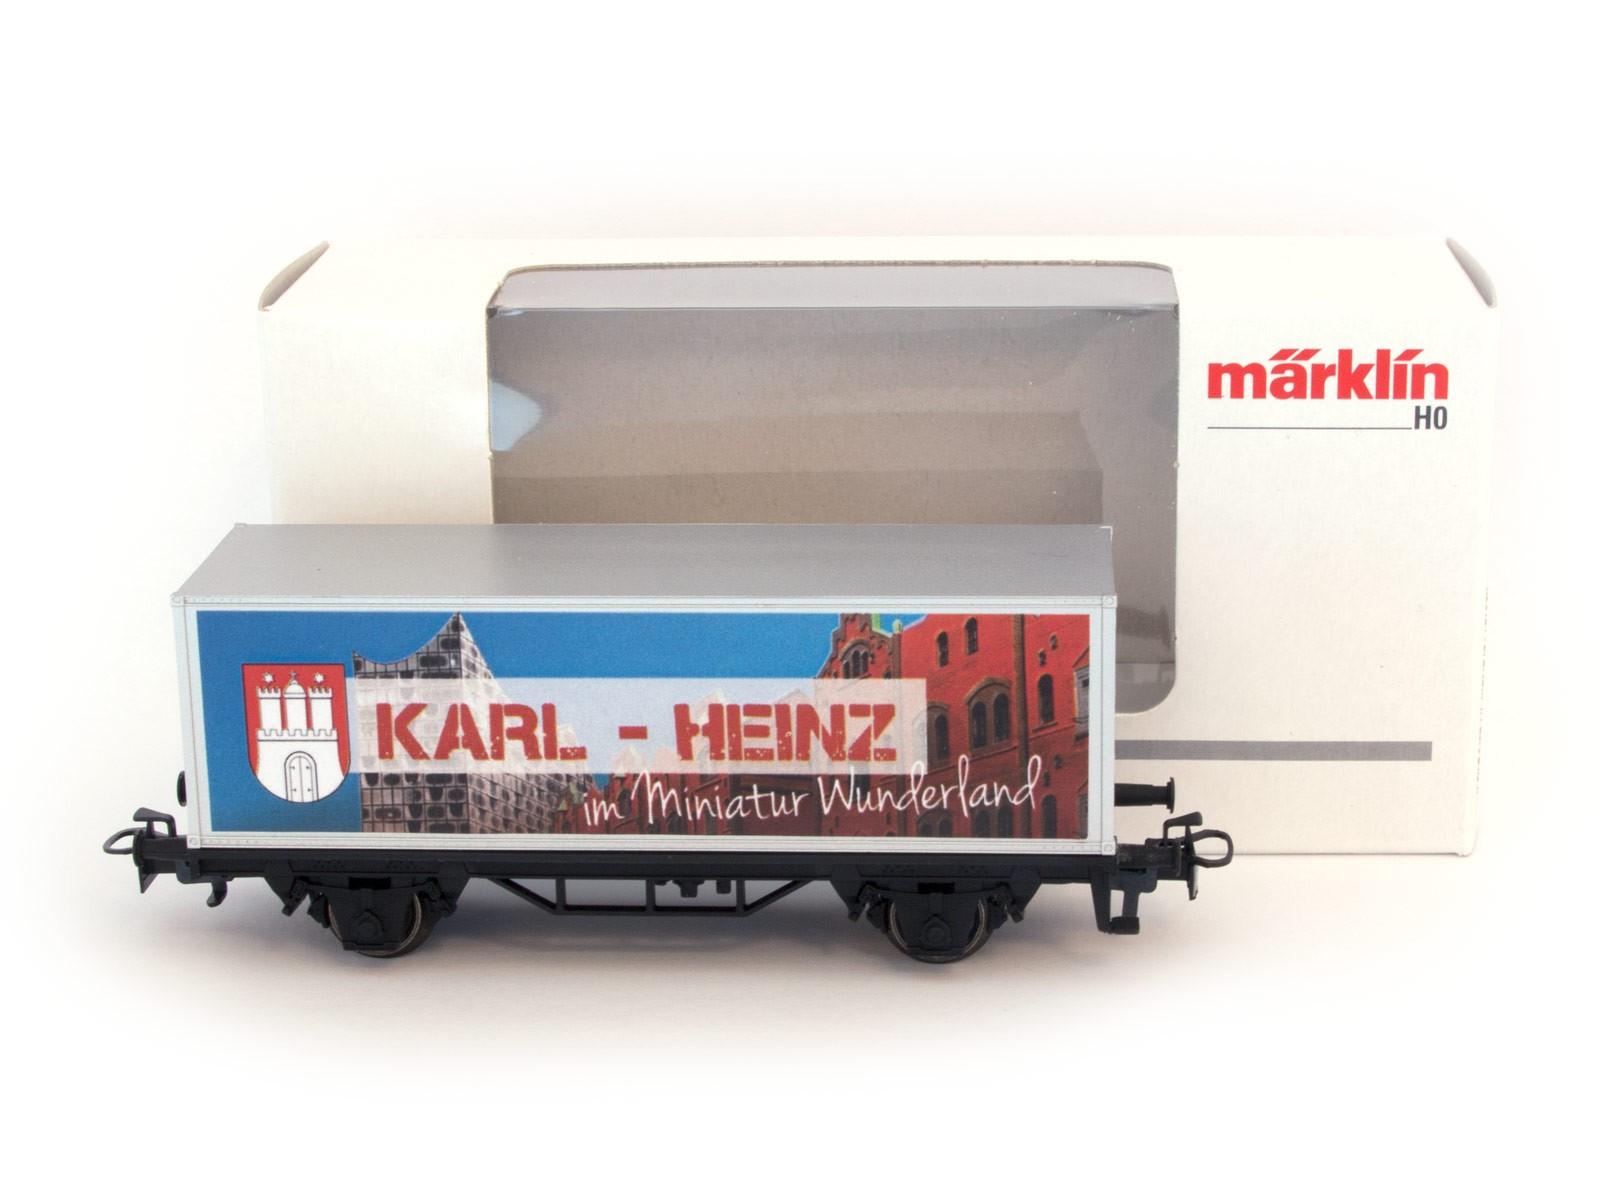 Miniatur Wunderland / Märklin H0 Sonderwaggon mit Namen männlich A-K